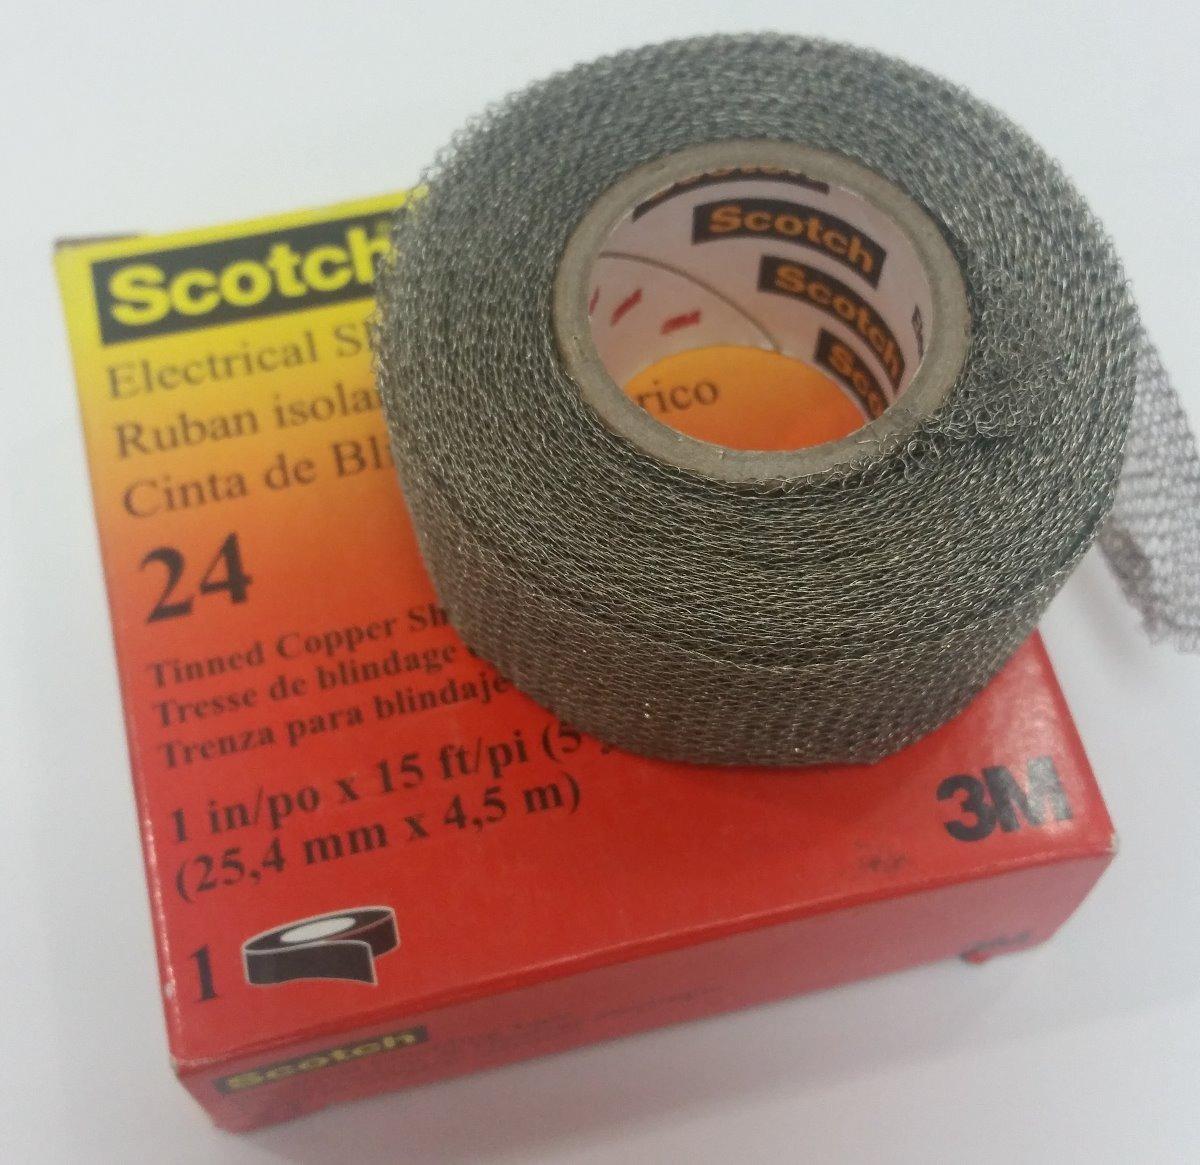 Băng keo lưới đồng 3M scotch 24